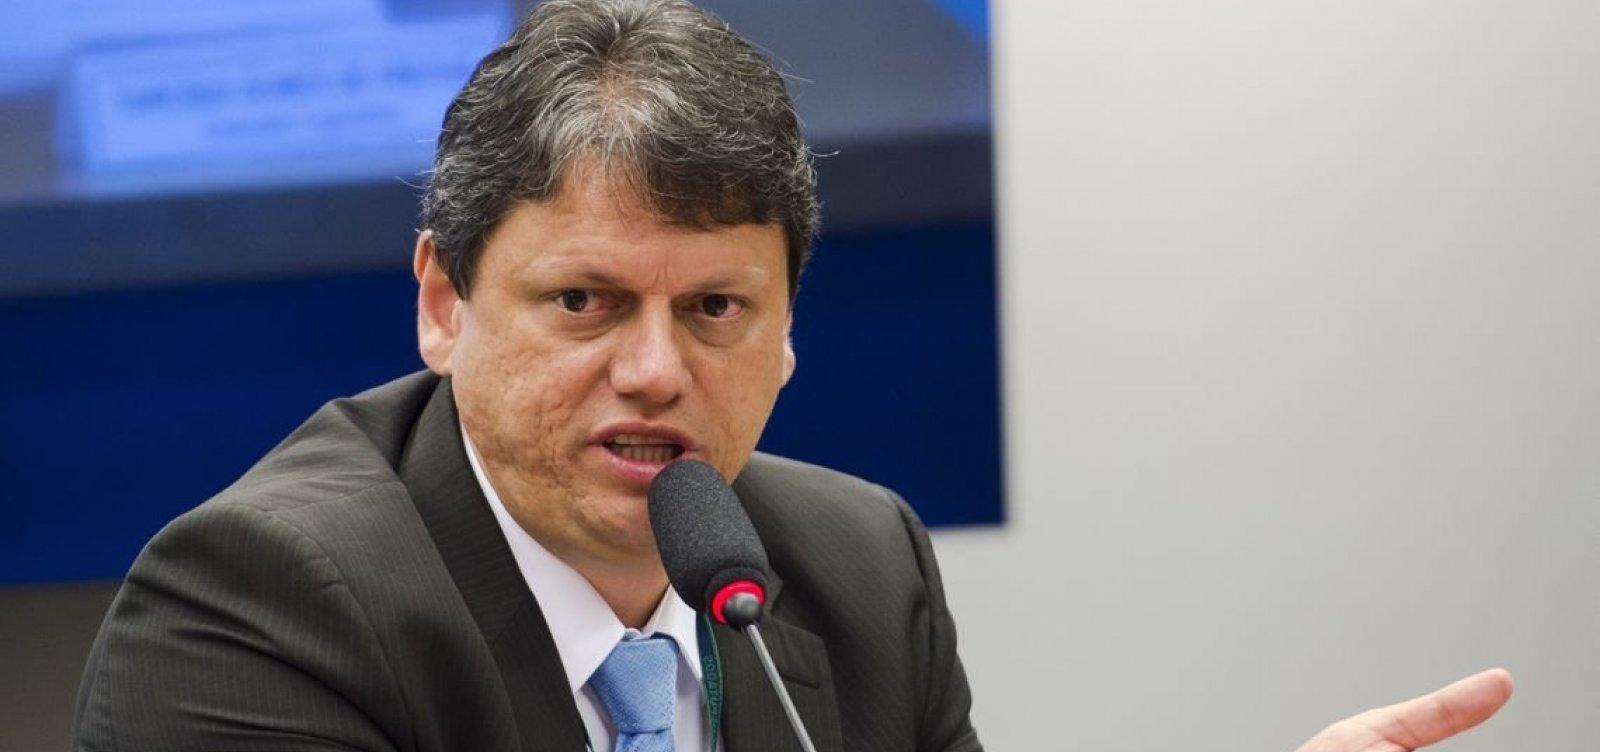 Governo quer fim da taxa extra para voos internacionais, diz ministro